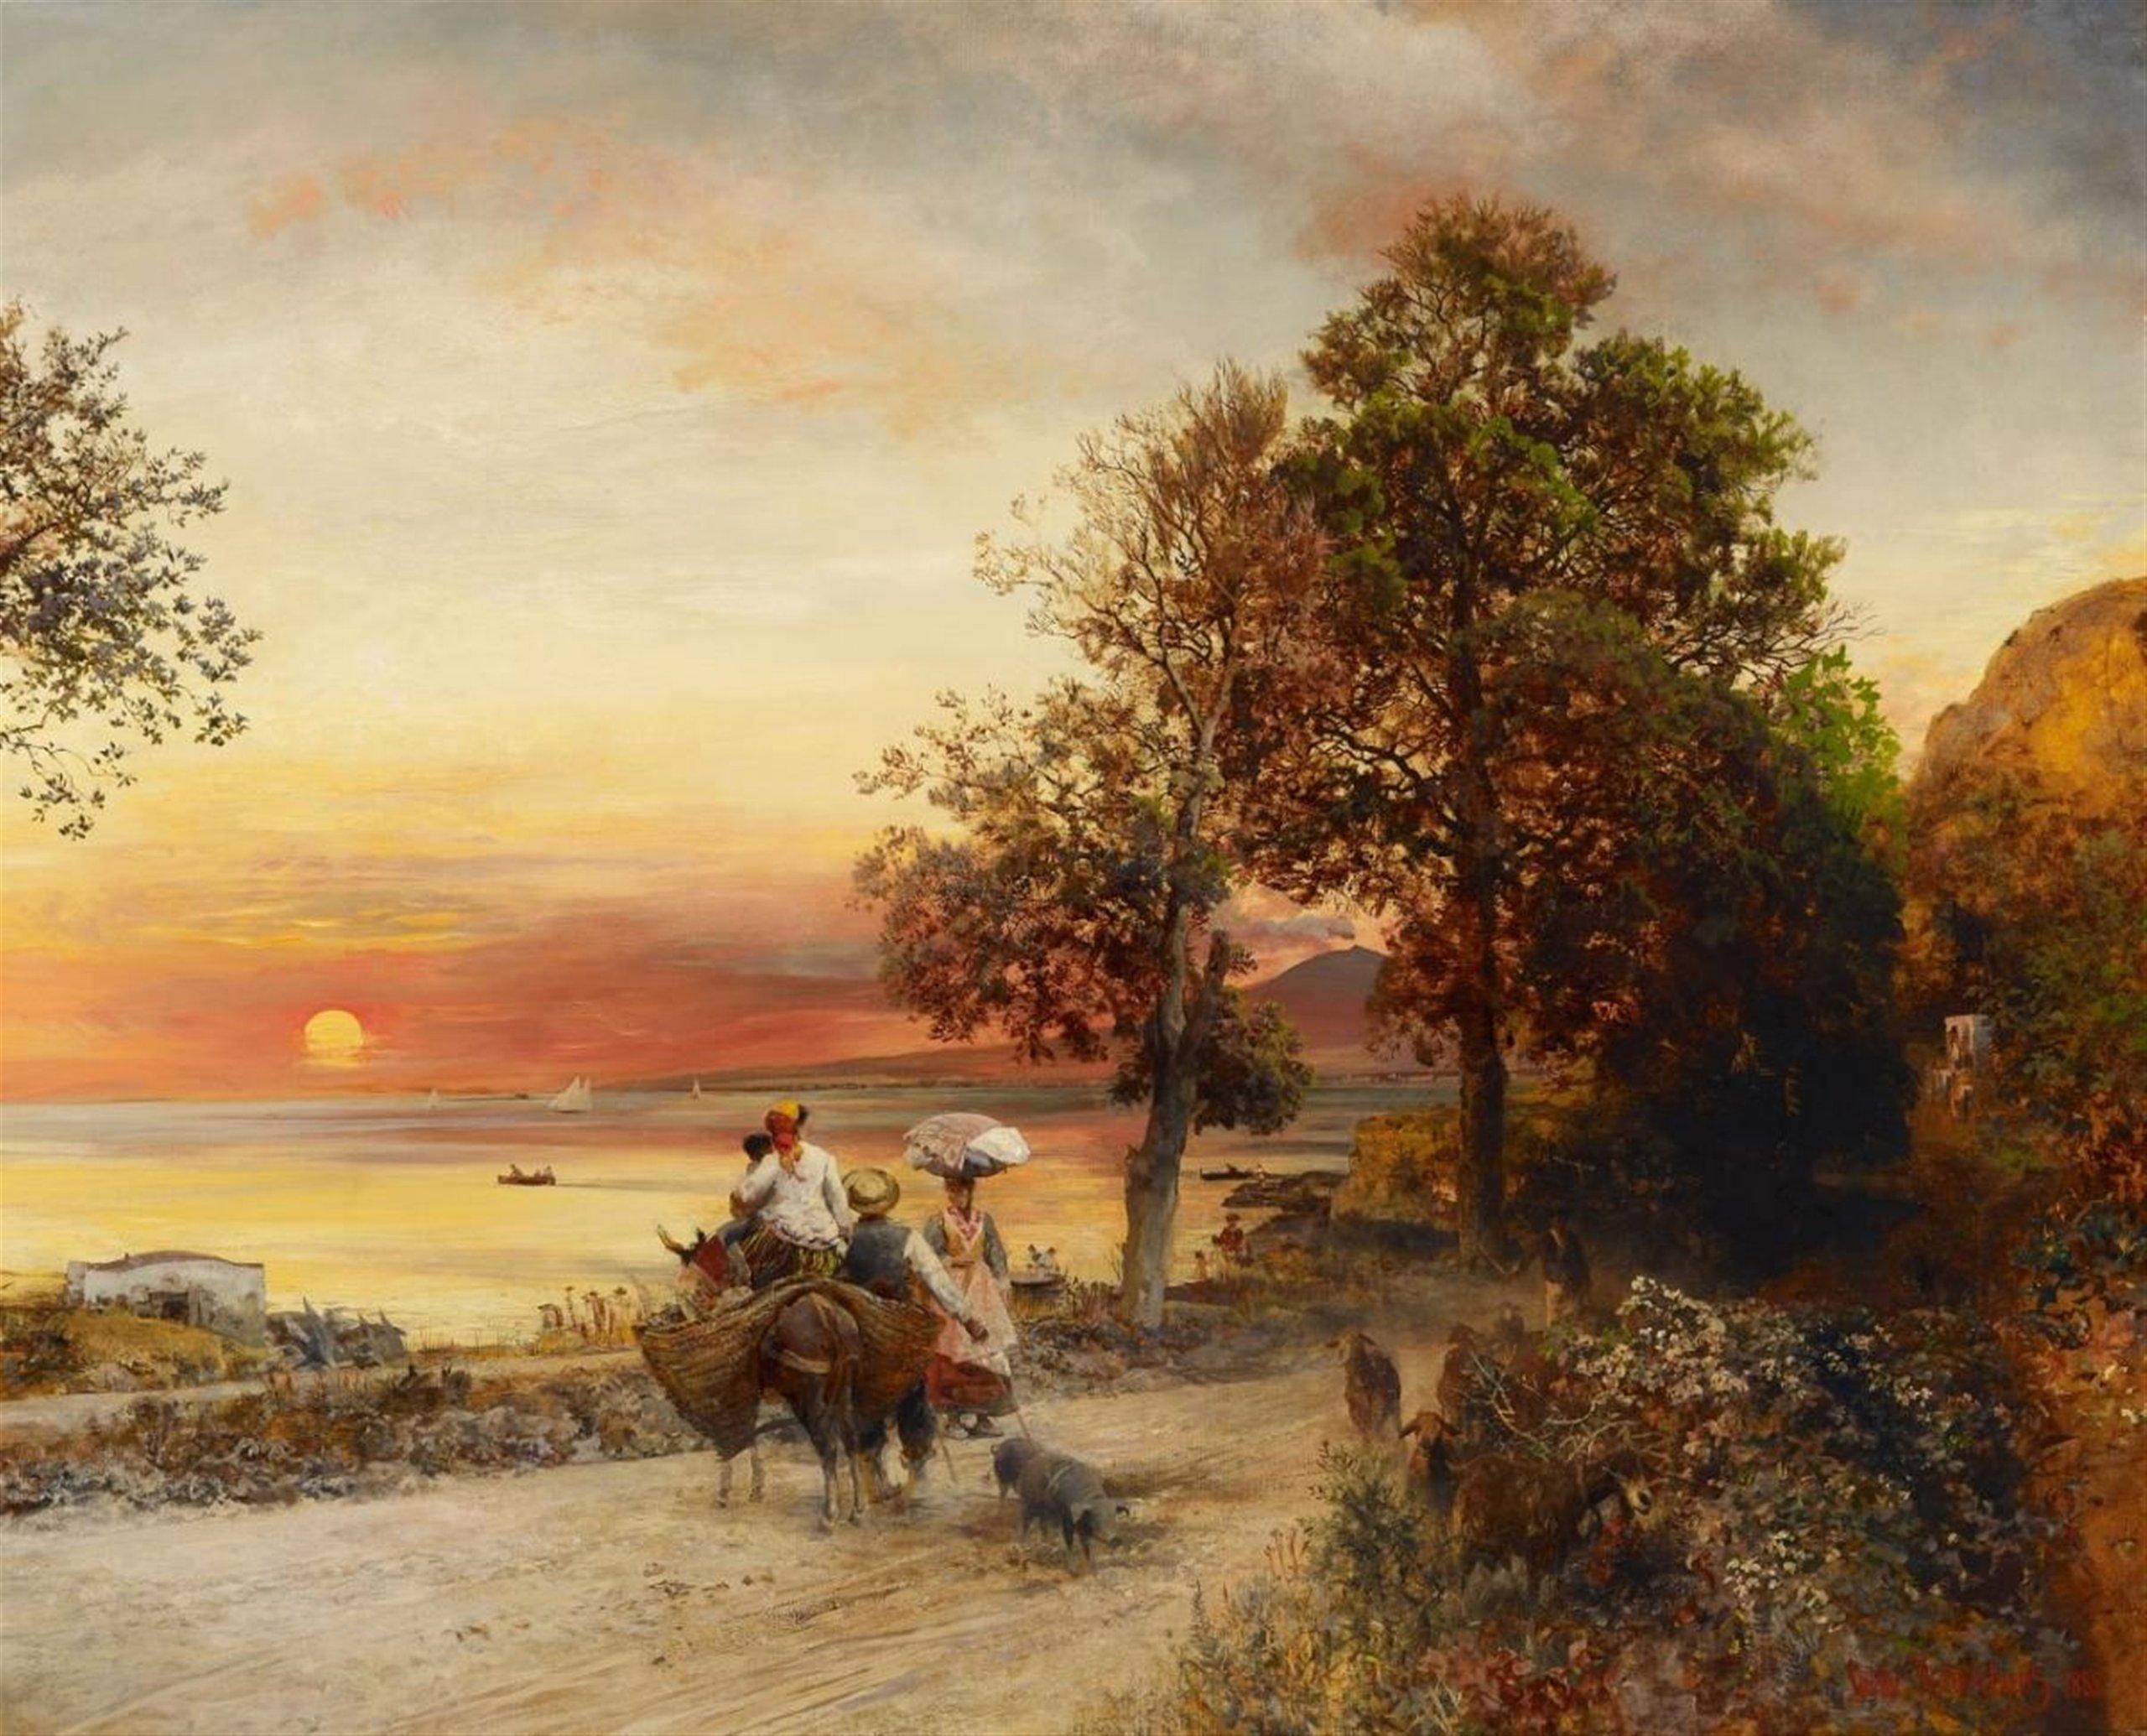 Oswald Achenbach, Nel golfo di Napoli, Olio su tela 120 x 150 cm, 1888